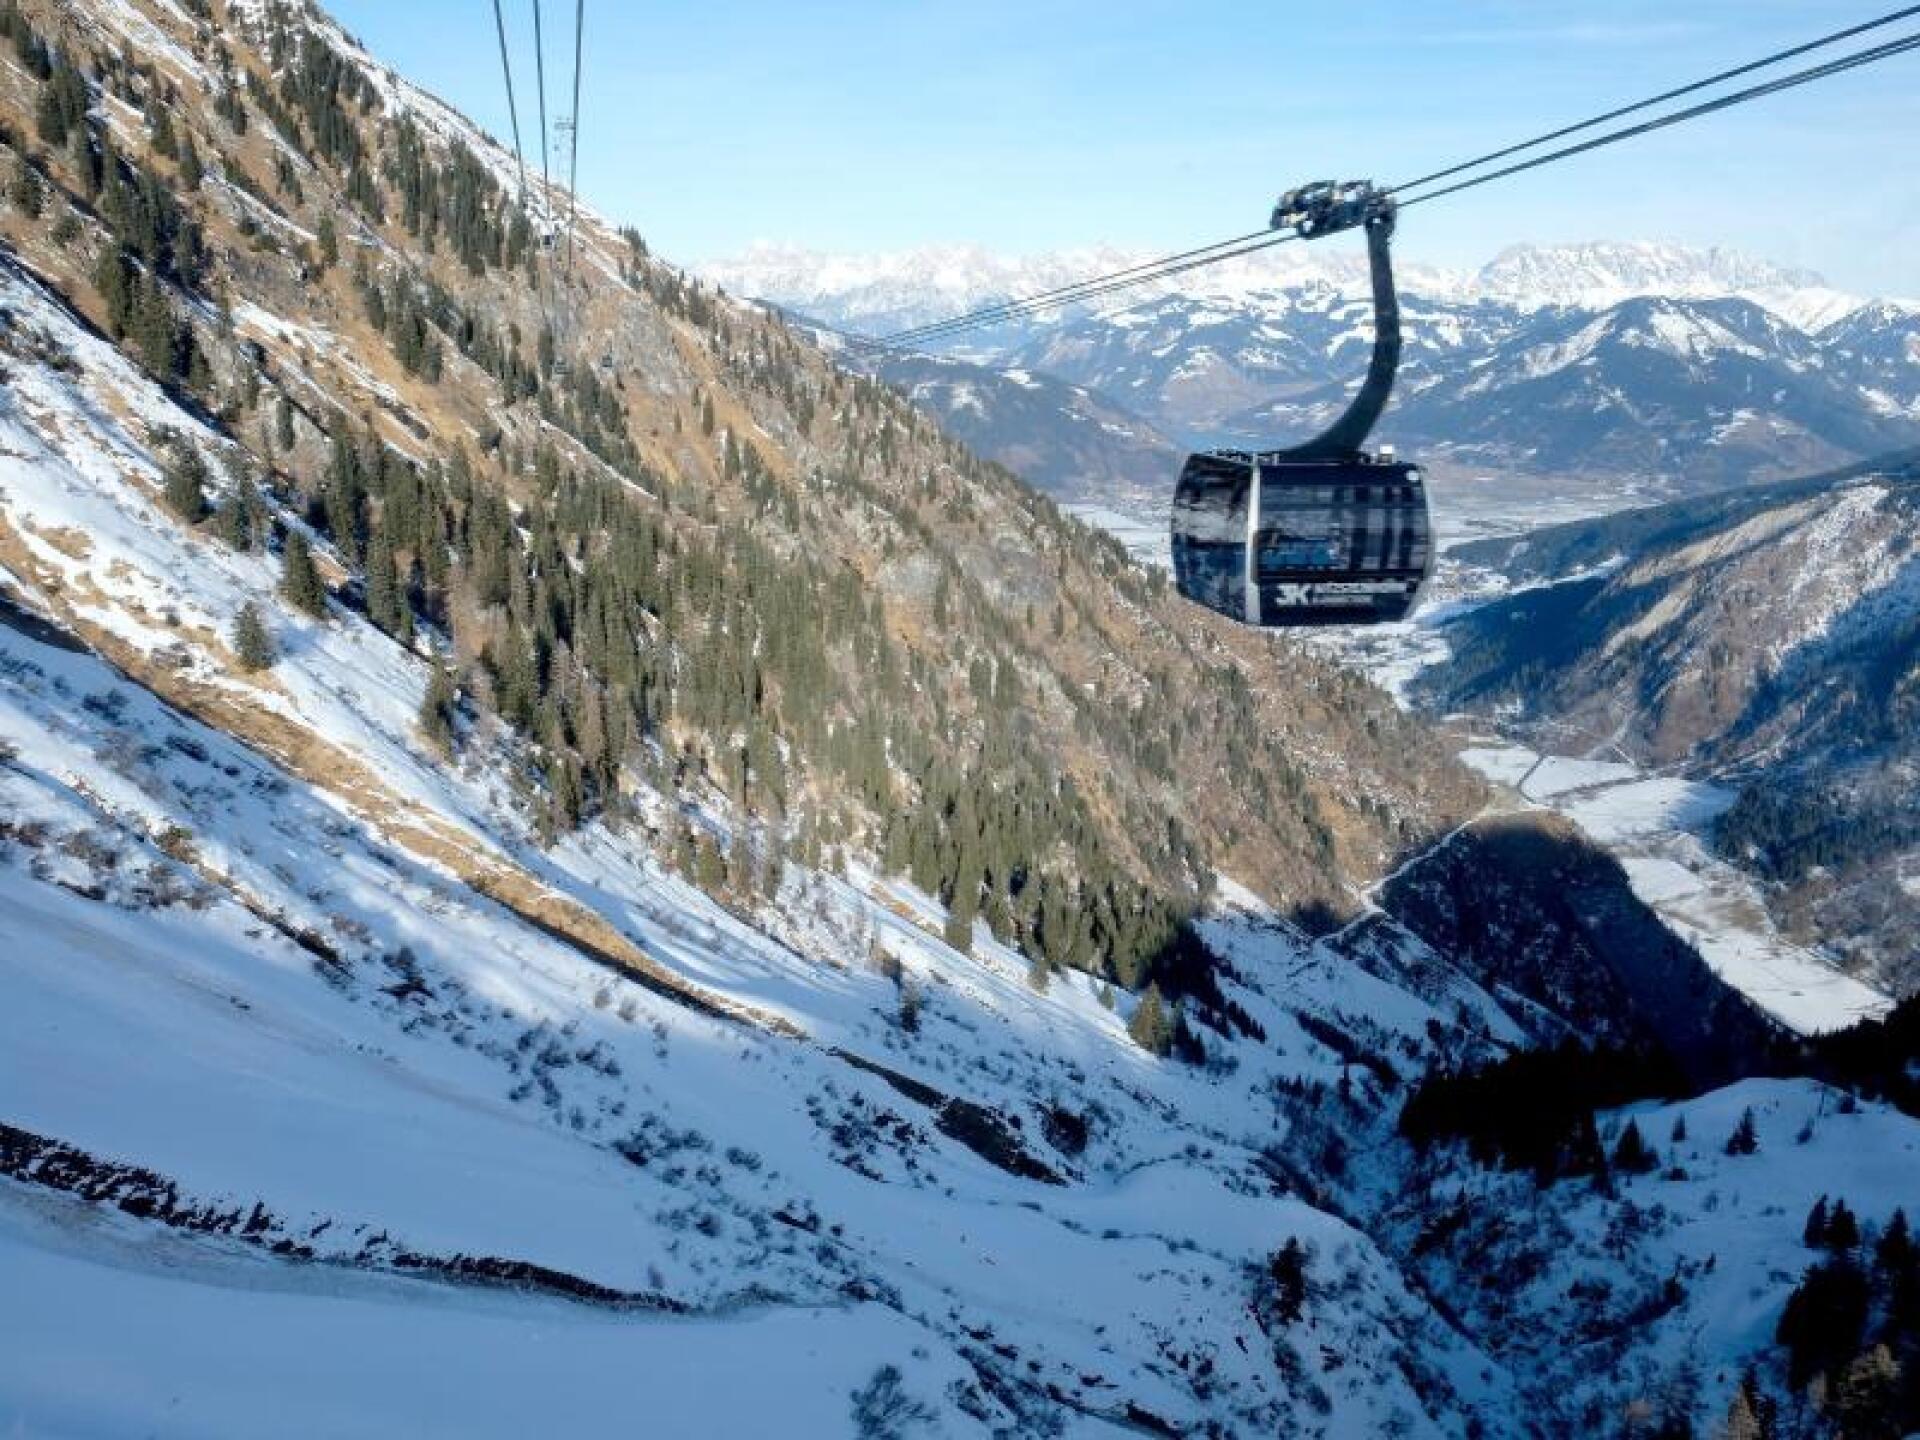 Wintersport deluxe